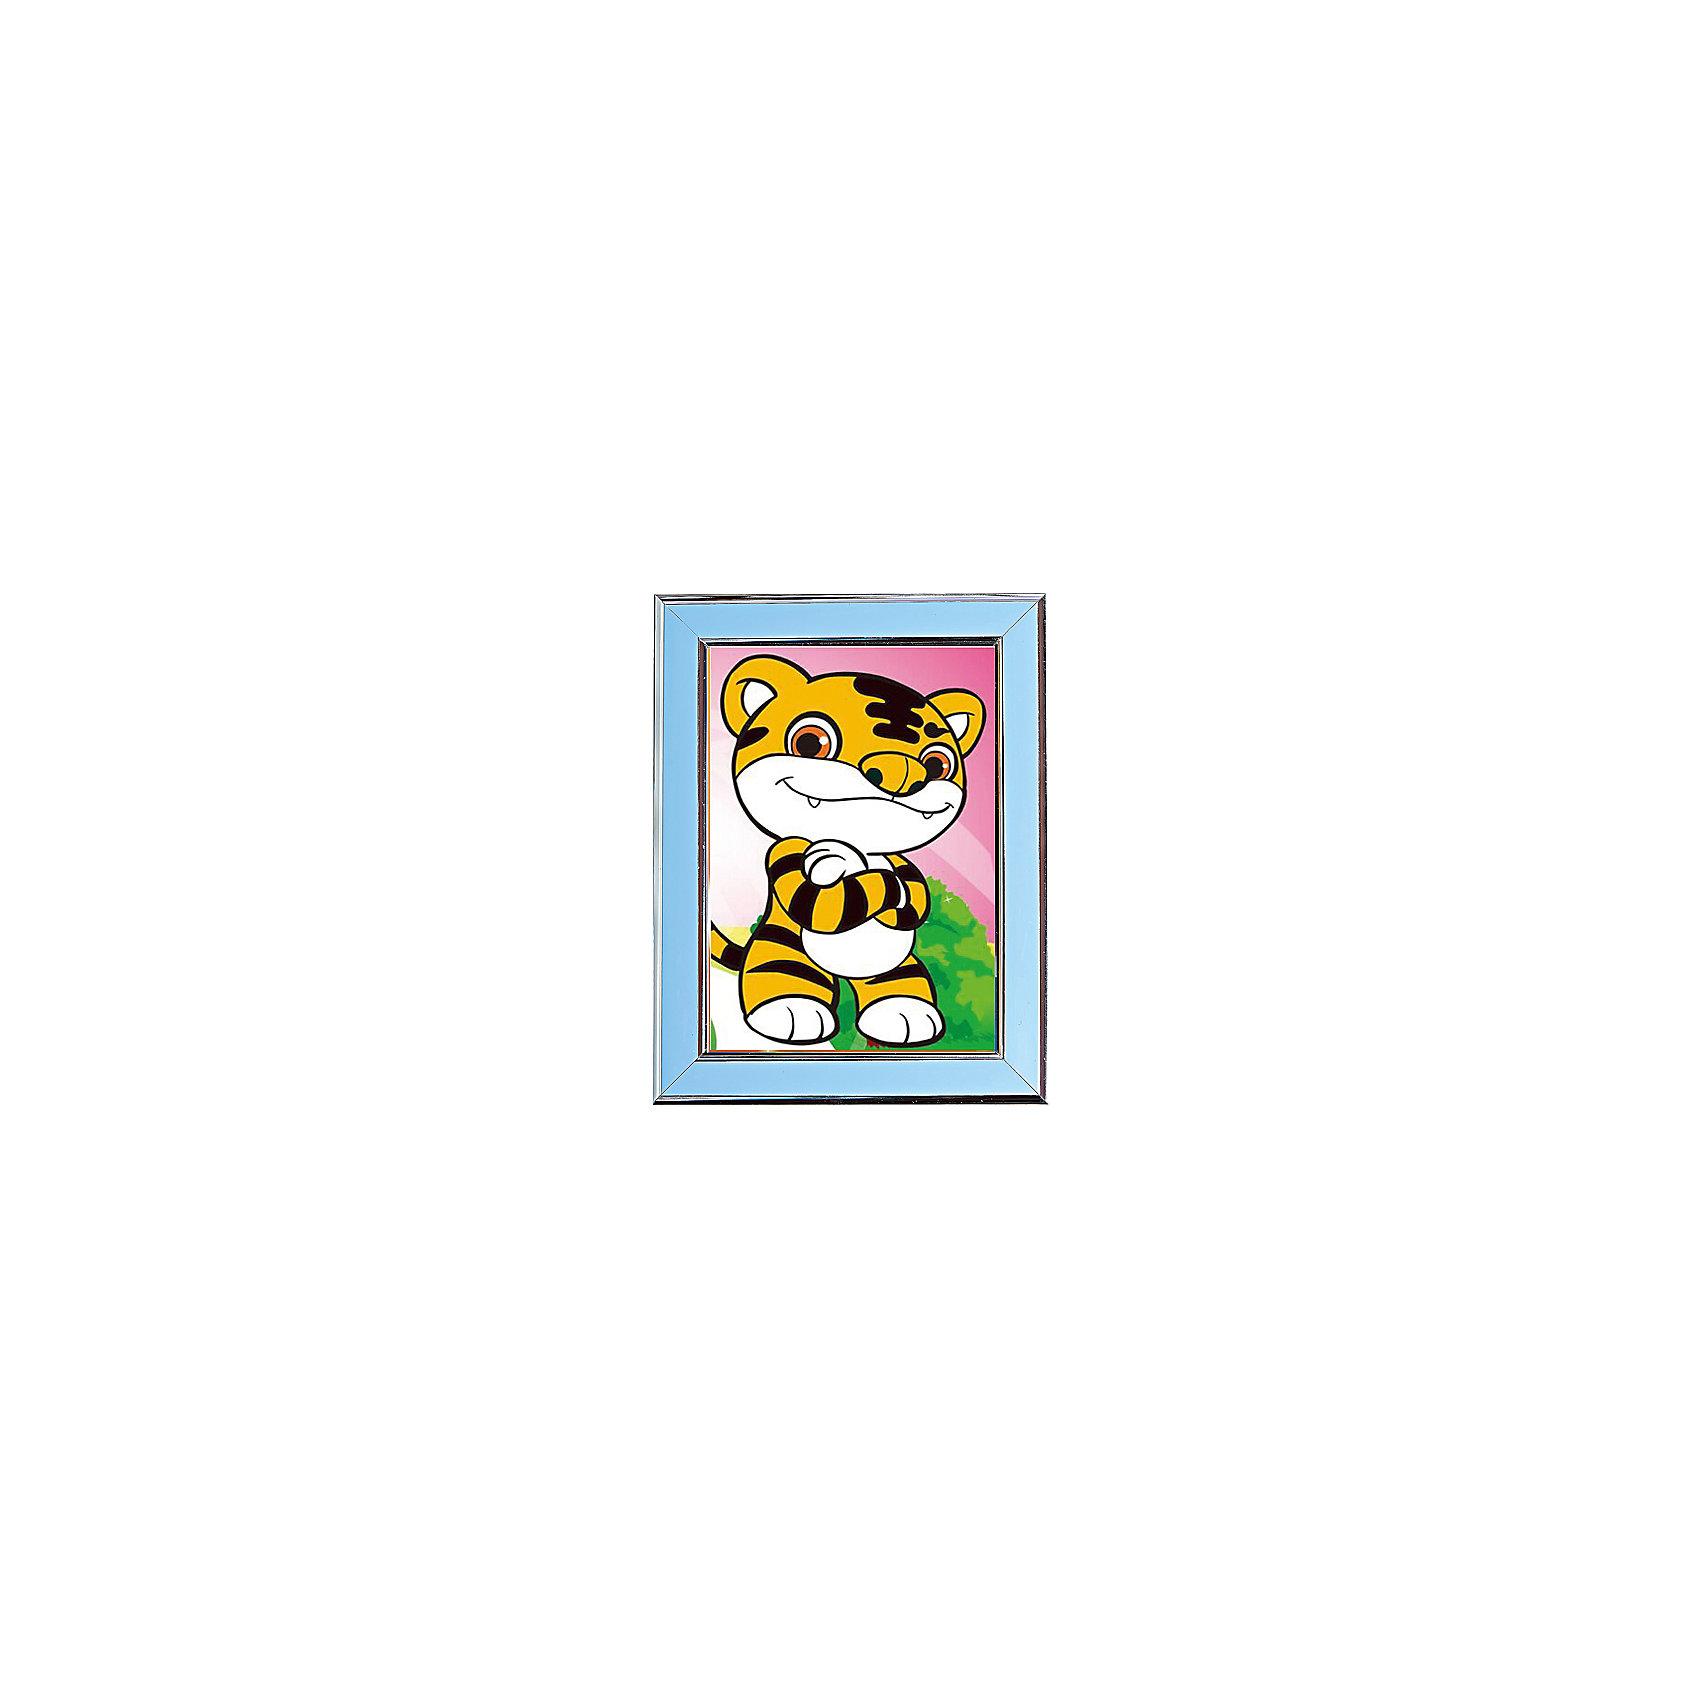 Мозаичная картина ТигренокМозаичная картина Тигренок. <br><br>Характеристика: <br><br>• Материал: картон, пластик, клей. <br>• Размер картинки: 17х21 см. <br>• Размер мозаичного элемента: 2,5 мм. <br>• Комплектация: контейнер для элементов мозаики, мозаичные элементы, специальный клеевой карандаш, трафарет со схемой рисунка, декоративная пластиковая рамка с оргстеклом. <br>• Яркие, насыщенные цвета. <br>• Отлично развивает моторику рук, внимание, мышление и воображение. <br><br>Создание картины из мозаики - увлекательное и полезное занятие, в процессе которого ребенок сможет развить моторику рук, внимание, усидчивость, цветовосприятие и воображение. В этом наборе уже есть все для создания маленького шедевра! Нужно лишь приклеить мозаичные элементы на основу с нанесенным контуром - и яркая картинка готова.<br><br>Мозаичную картину Тигренок можно купить в нашем магазине.<br><br>Ширина мм: 200<br>Глубина мм: 225<br>Высота мм: 30<br>Вес г: 250<br>Возраст от месяцев: 84<br>Возраст до месяцев: 36<br>Пол: Унисекс<br>Возраст: Детский<br>SKU: 5417616